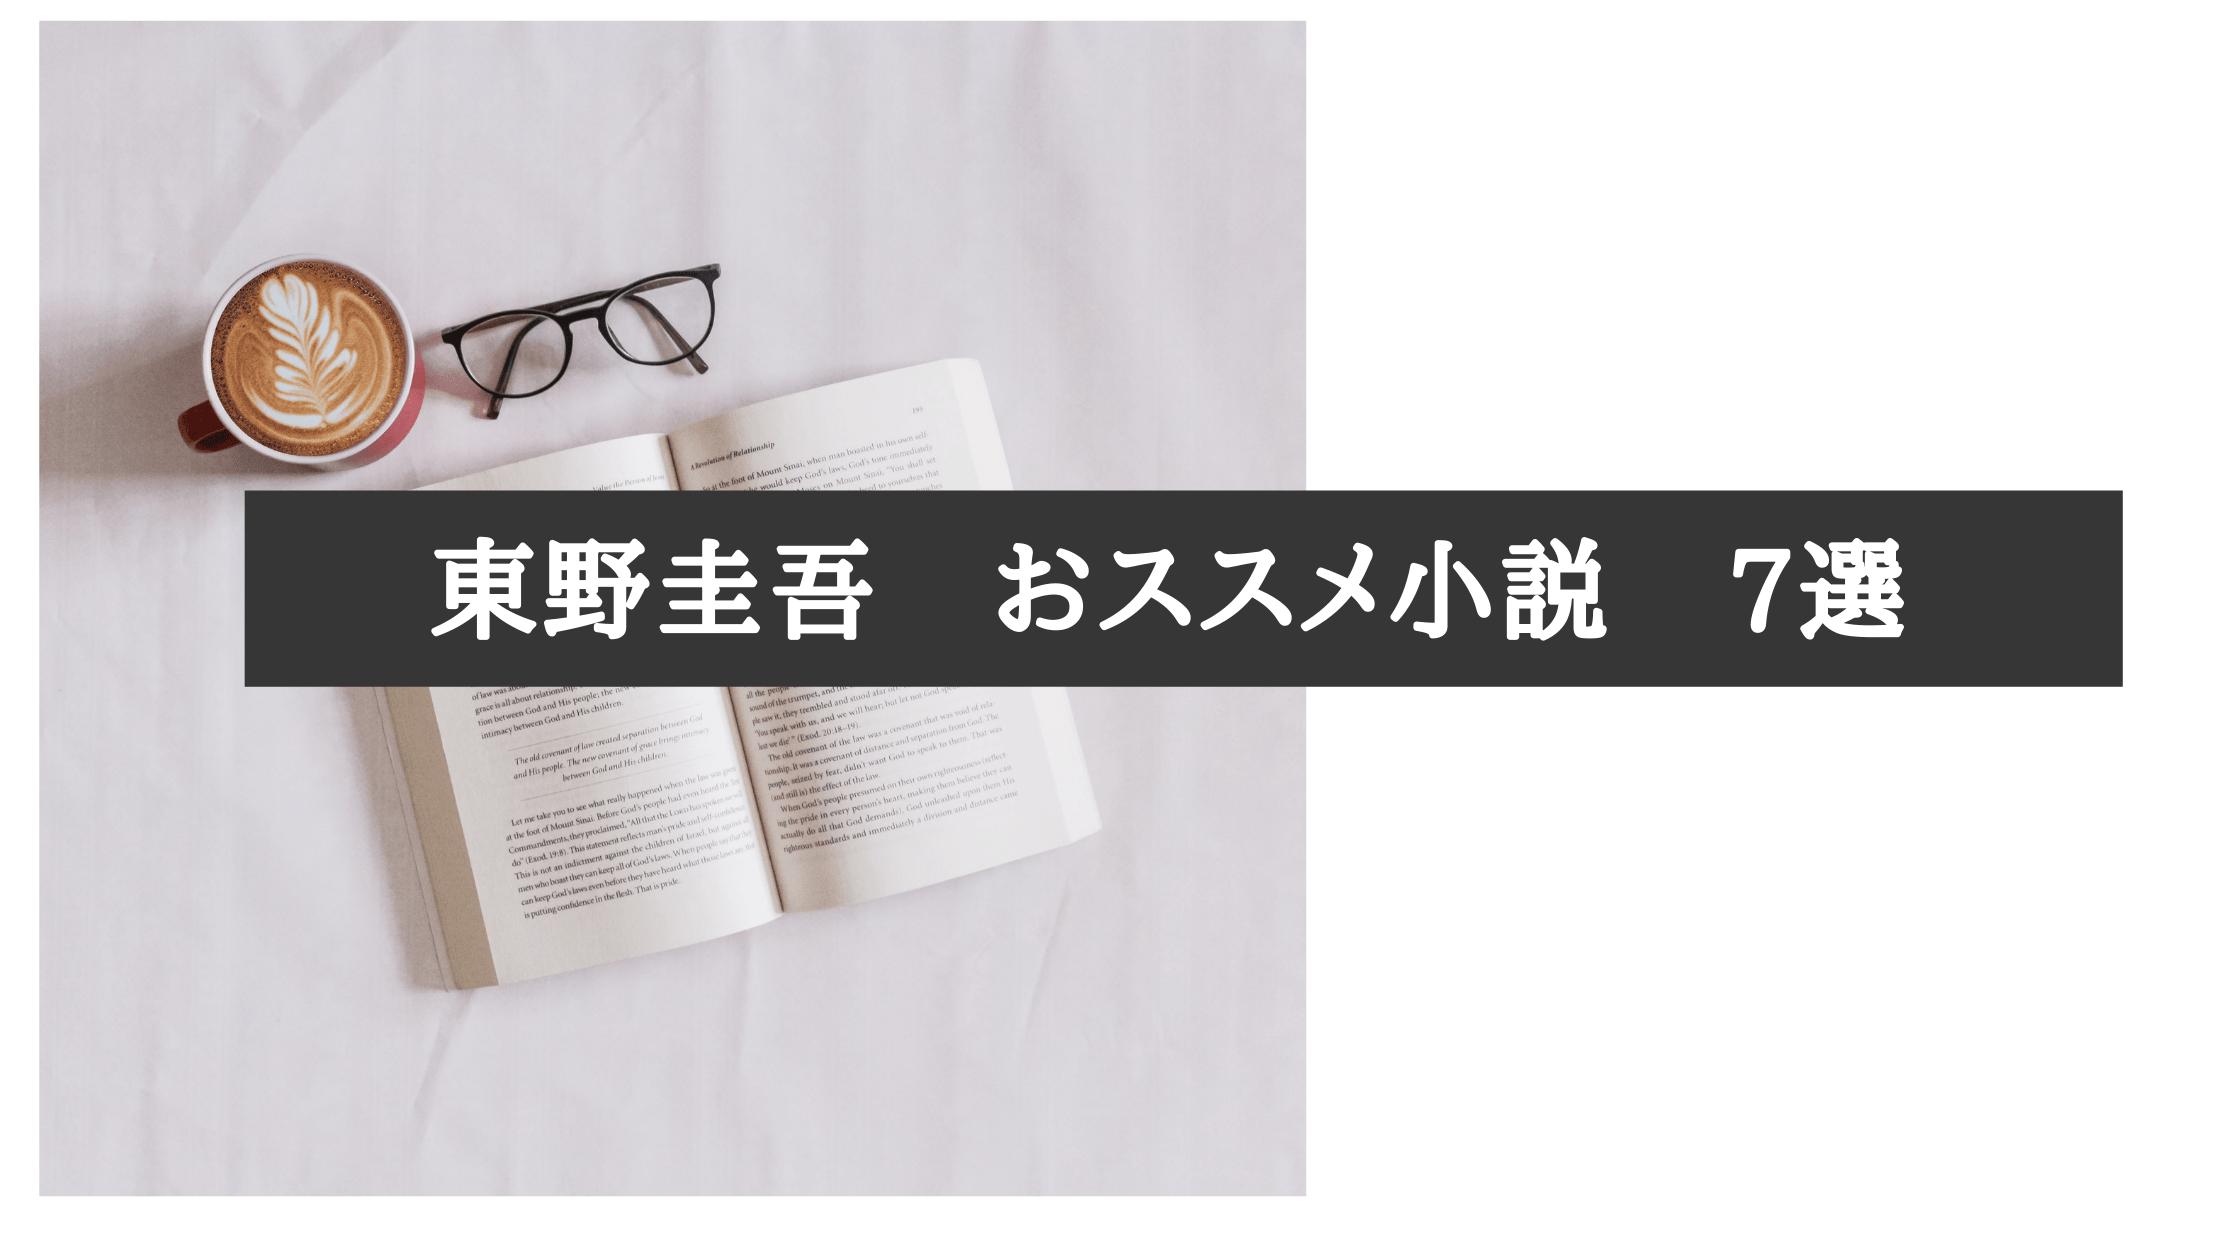 【厳選】東野圭吾 おすすめ小説 7選!!